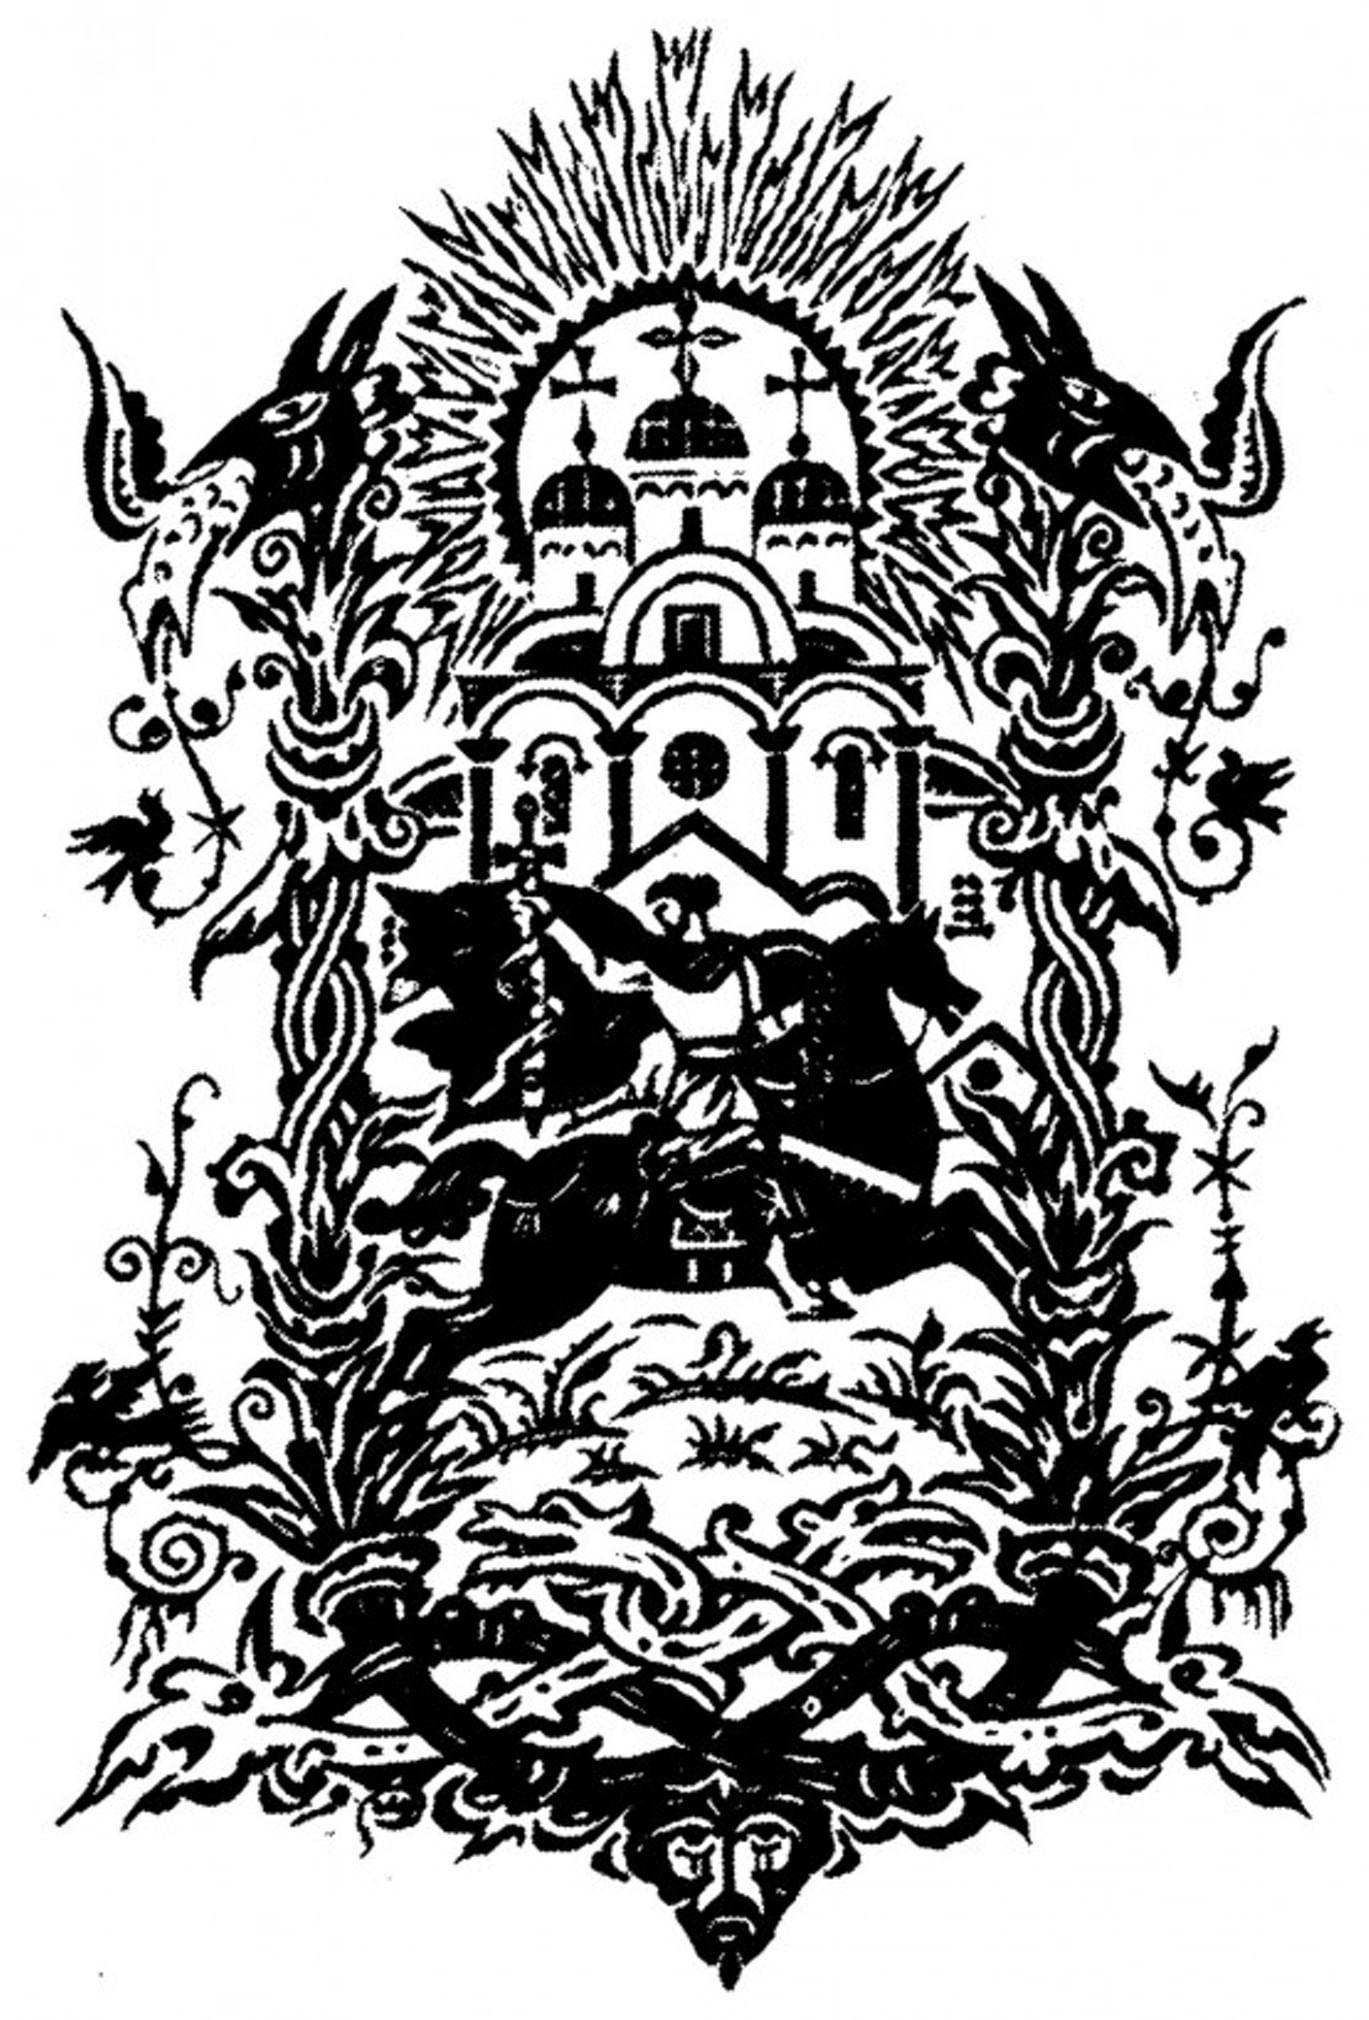 Мстислав Добужинский. Иллюстрация к книге  «Слово о полку Игореве». 1947-1951 гг.